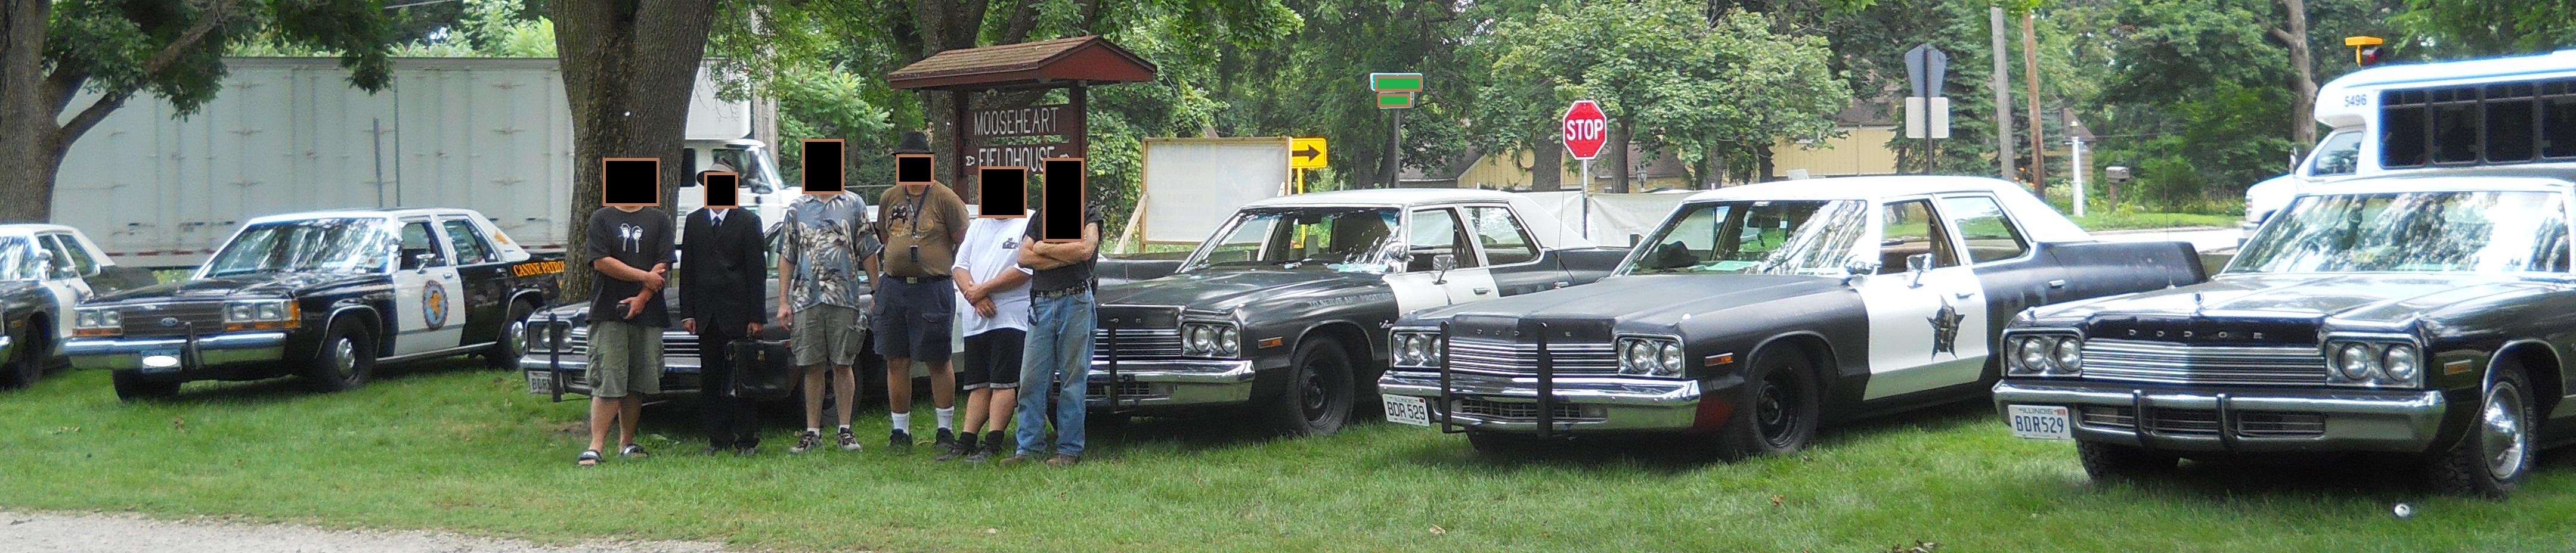 Blues_car_show.jpg